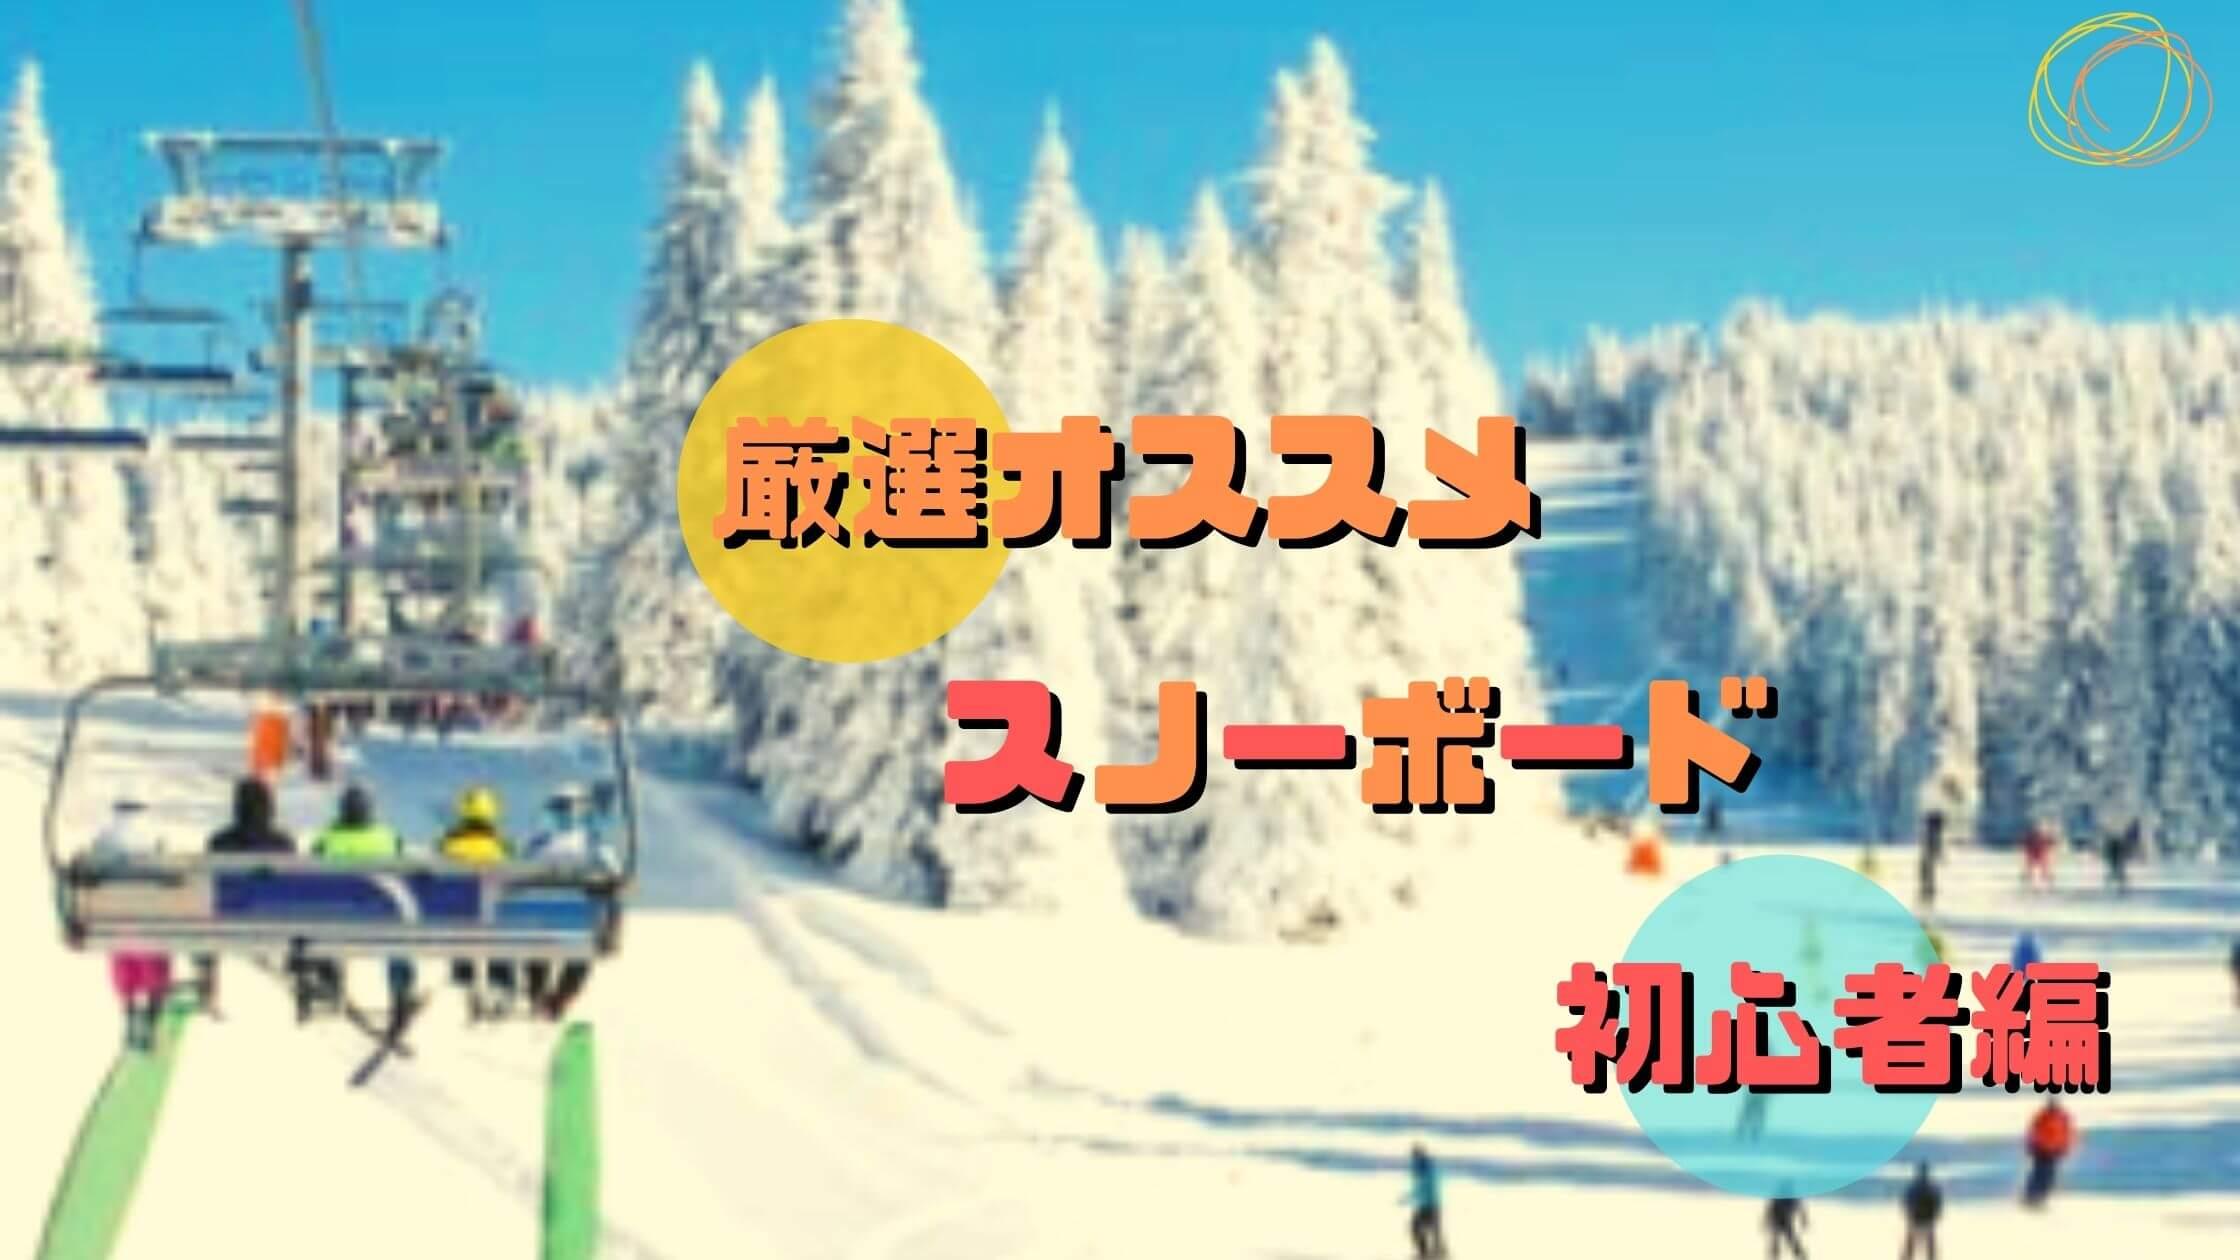 スノーボードの板オススメ@初心者向け編